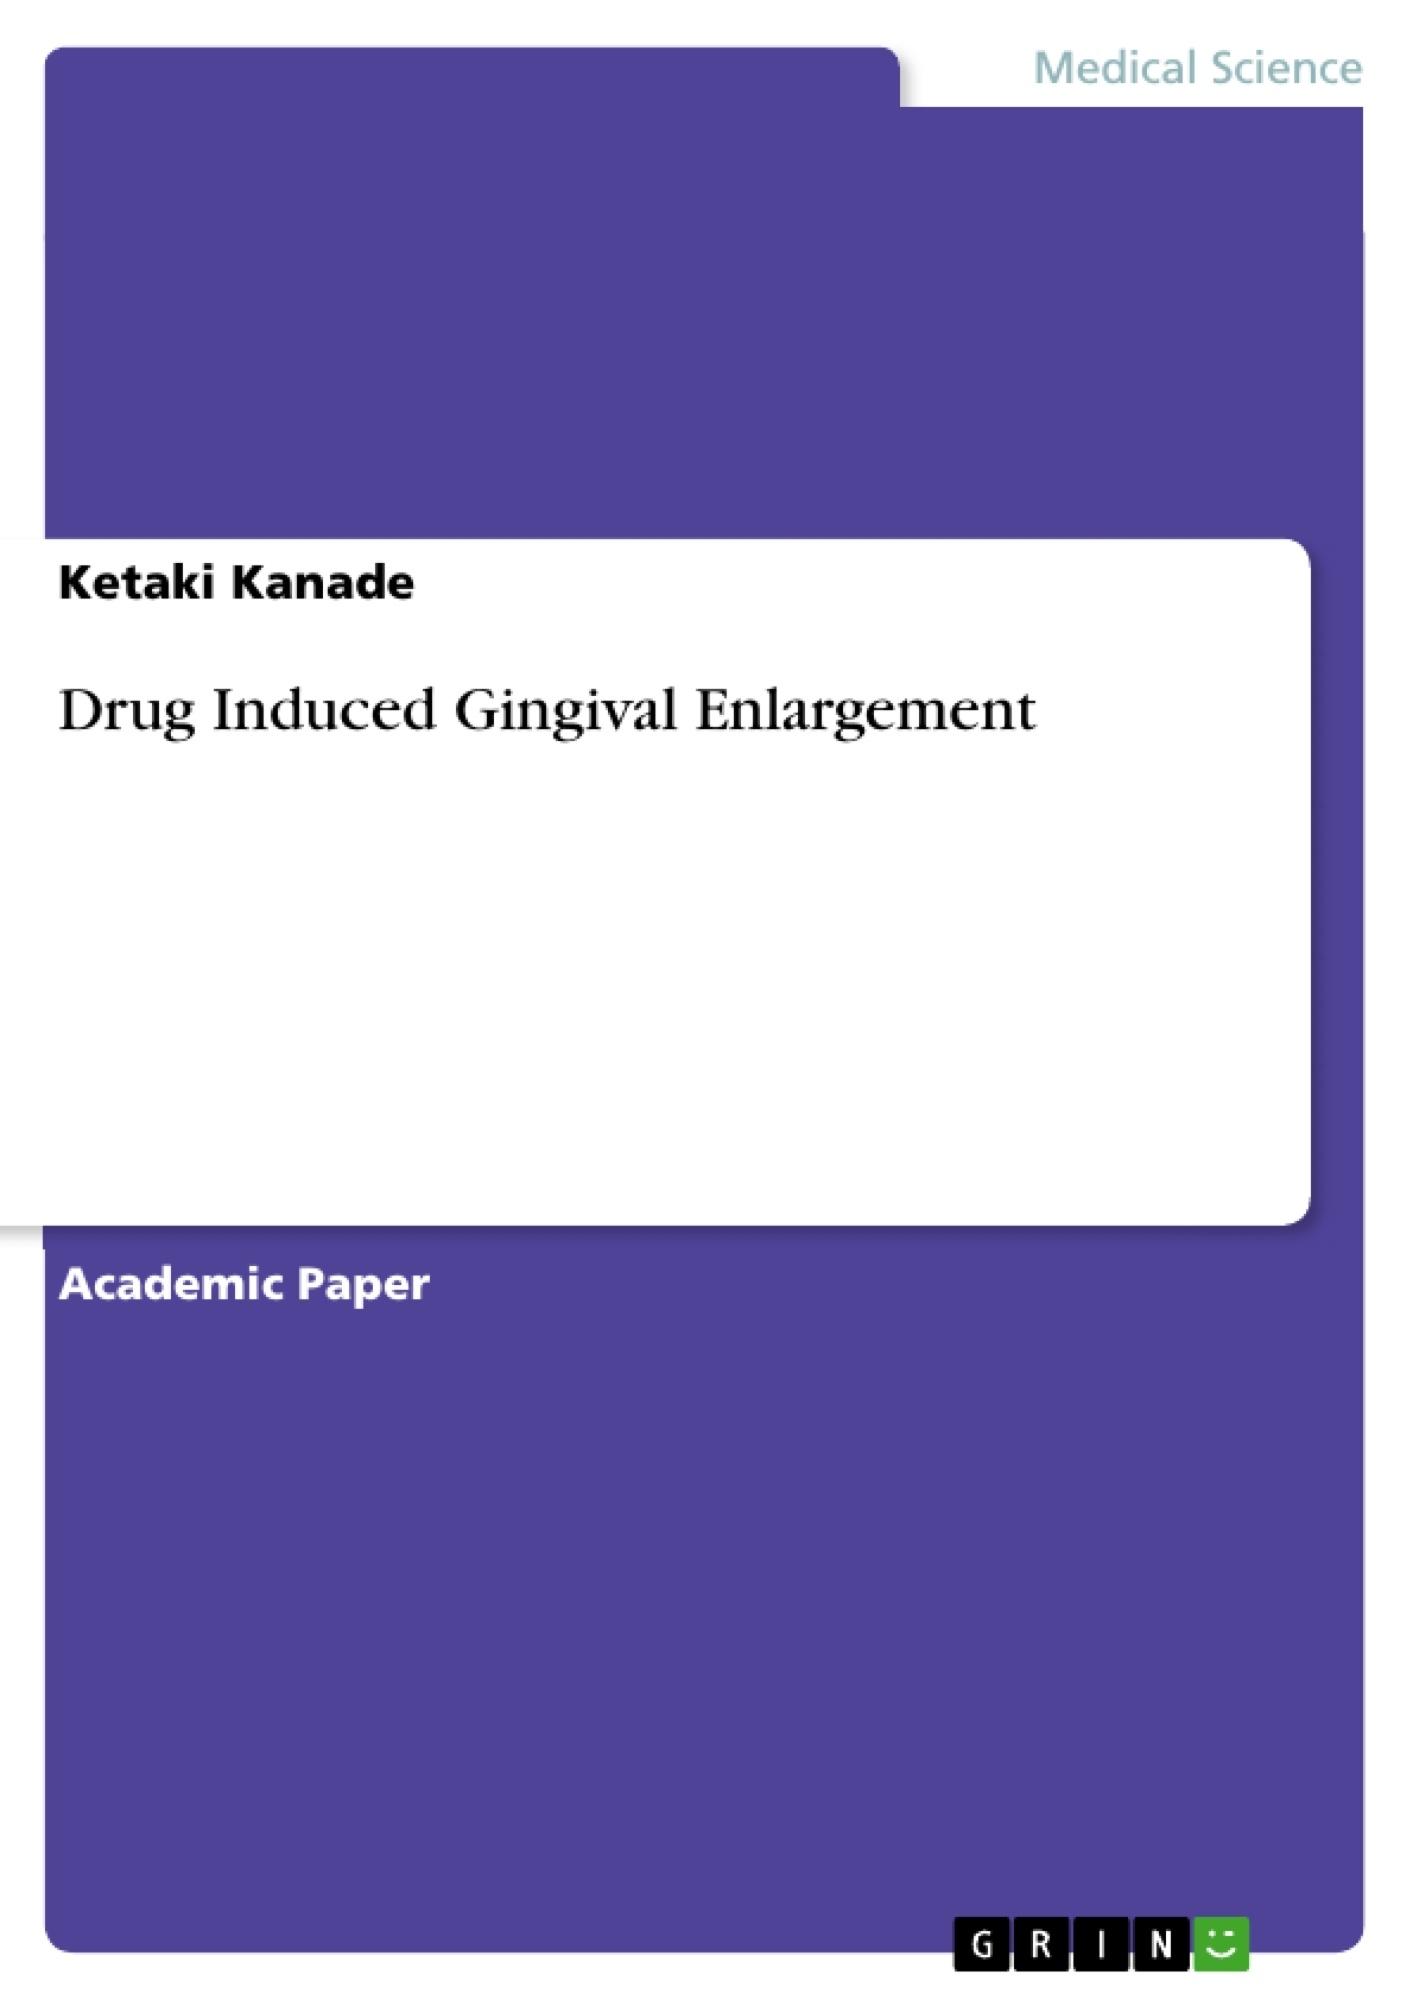 Title: Drug Induced Gingival Enlargement